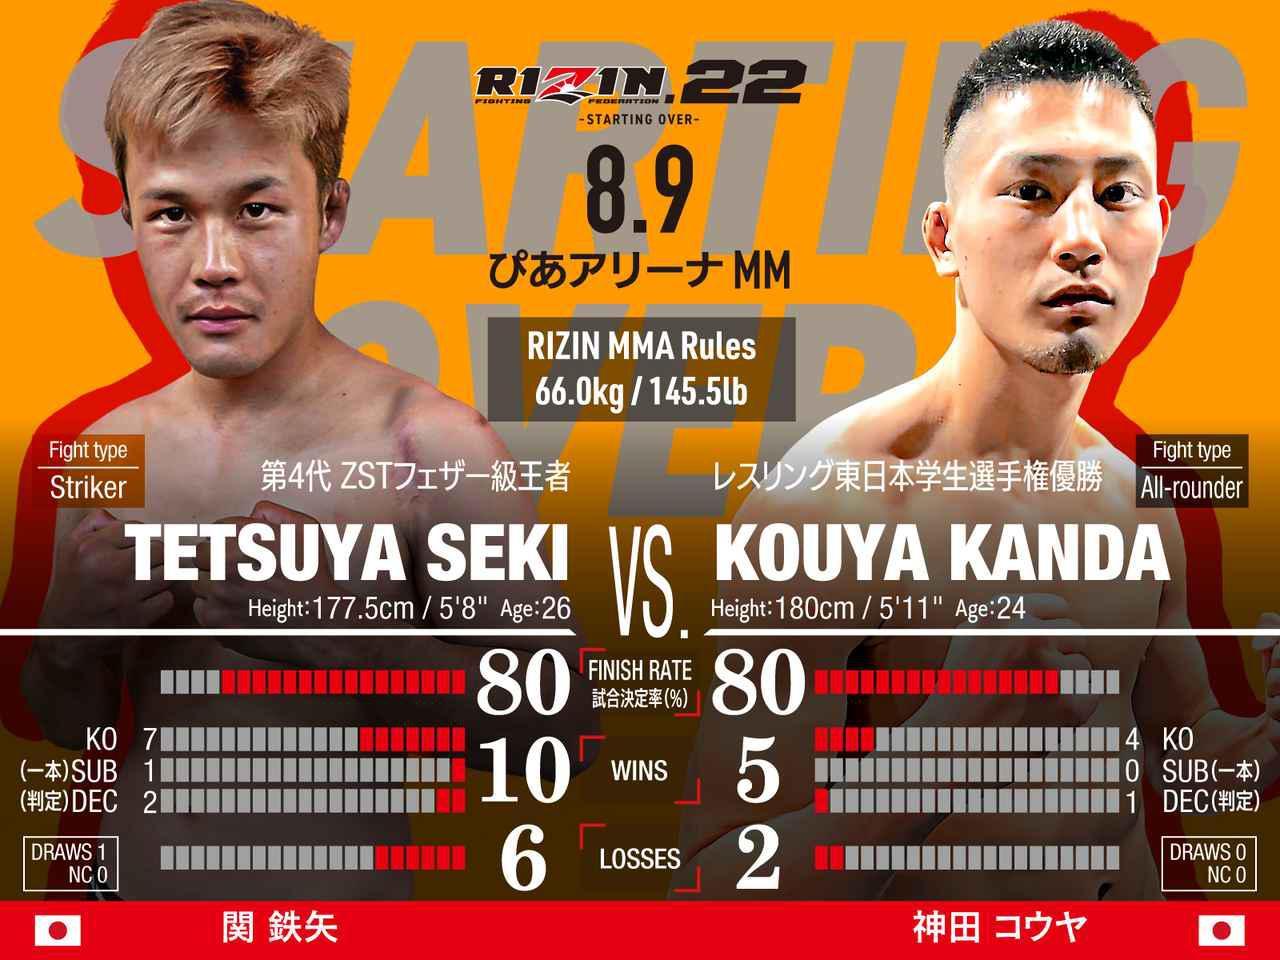 画像: スペシャルワンマッチ 関鉄矢 vs. 神田コウヤ